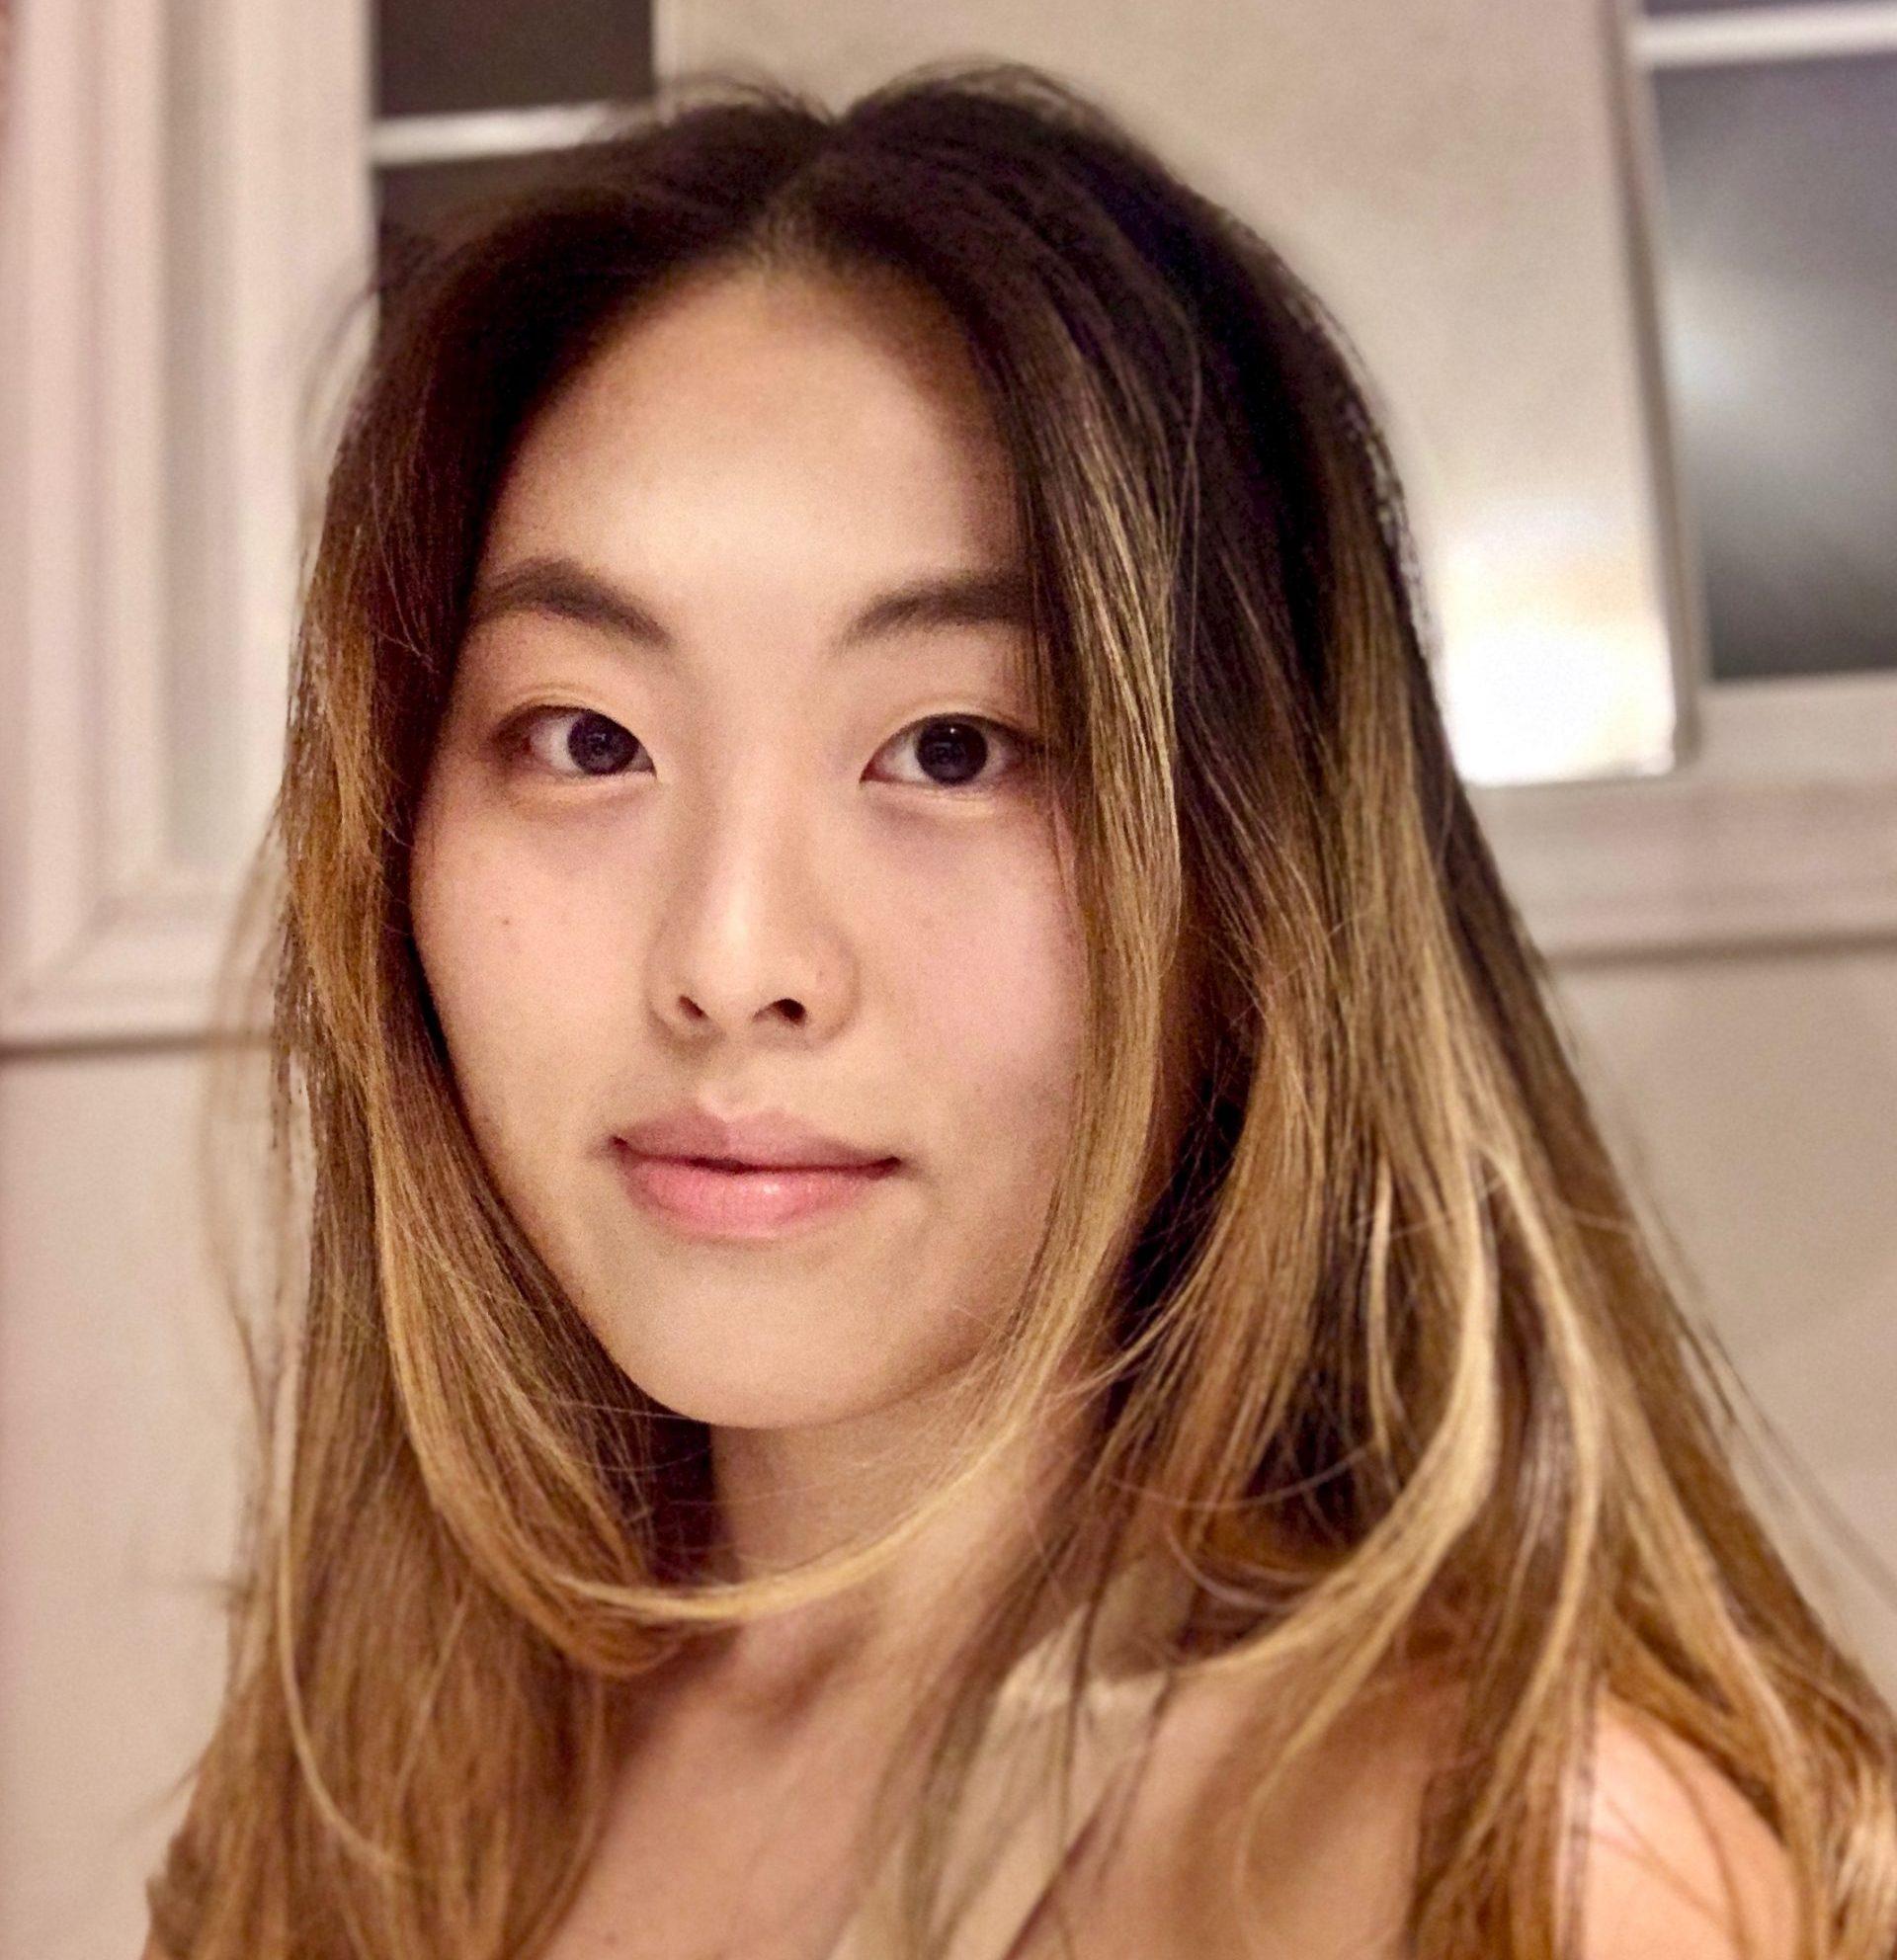 Jaena Kim